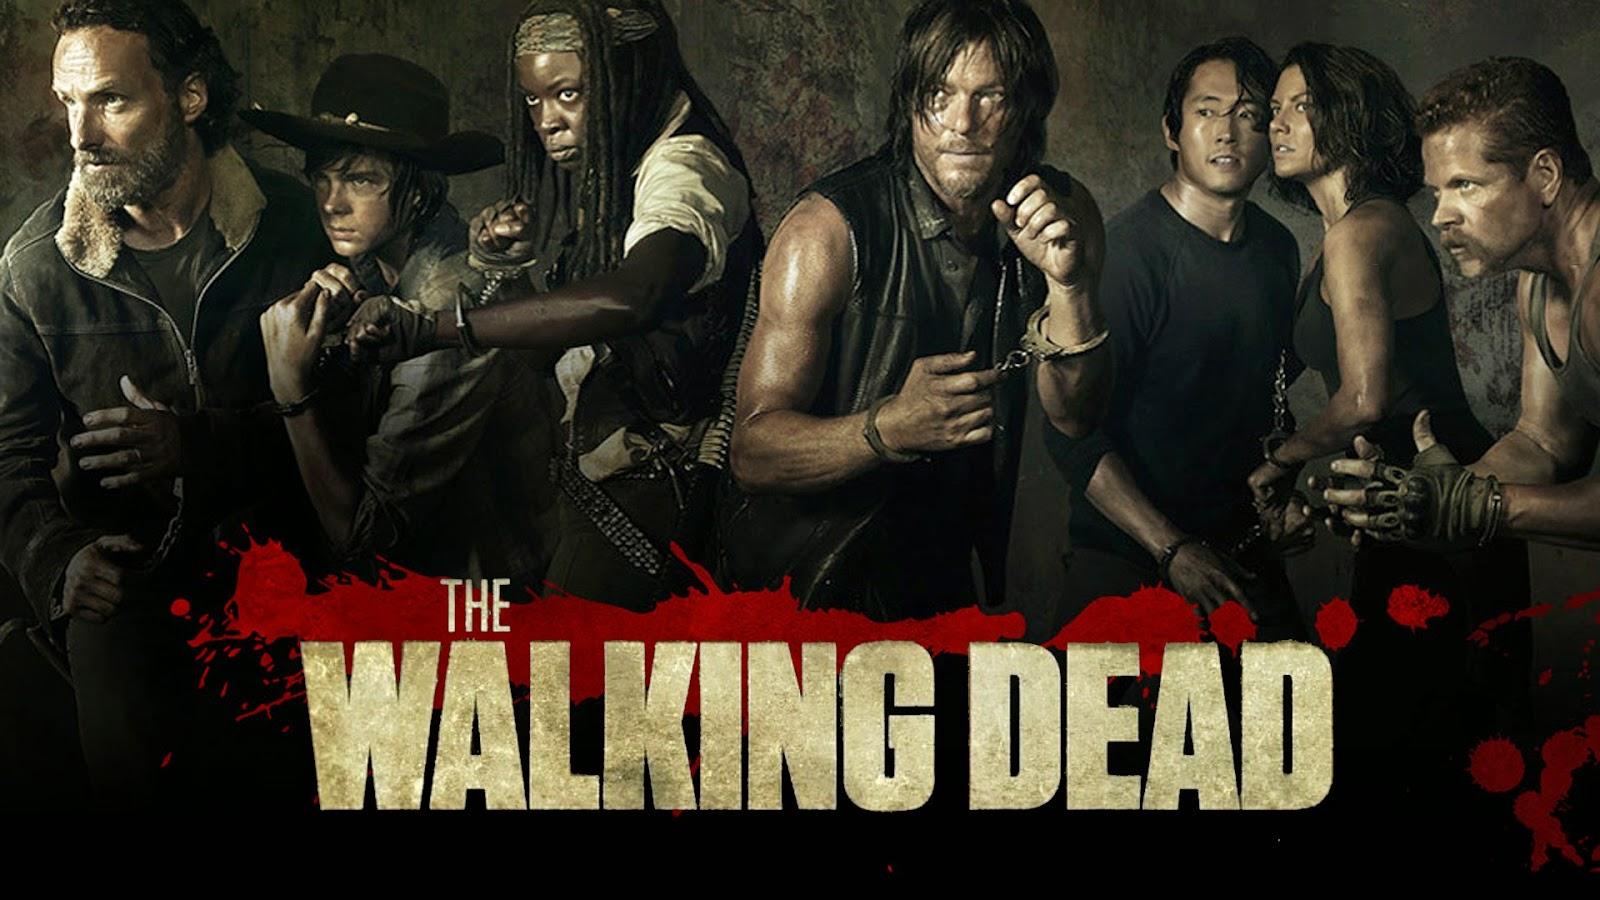 [ดูซีรี่ย์ฟรี ออนไลน์] The Walking Dead Season 5 Ep.1 [พากย์ไทย]